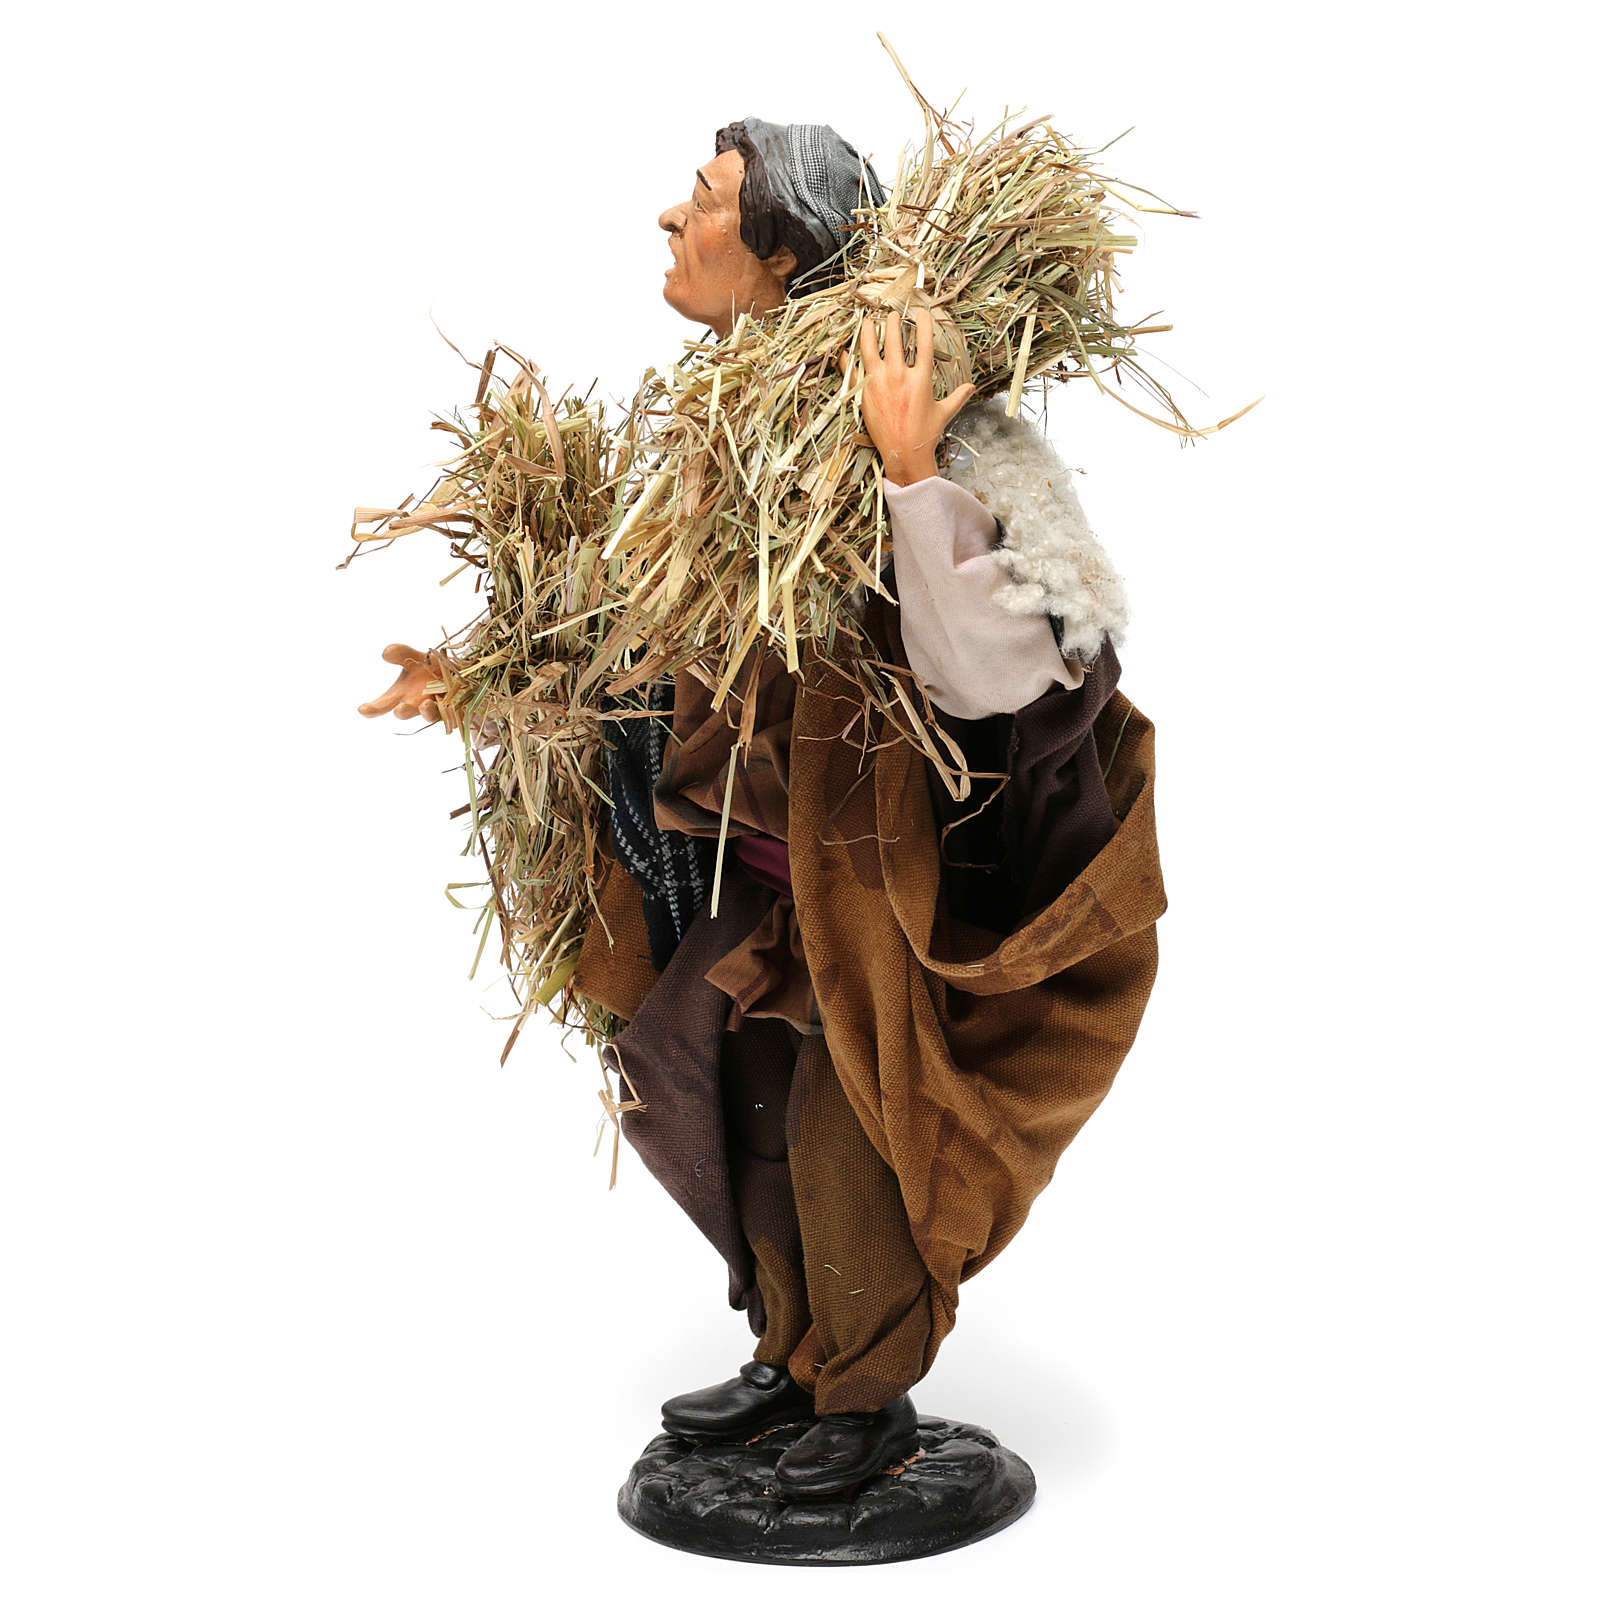 Pastore con fascine di paglia per presepe Napoli stile 700 di 30 cm  4